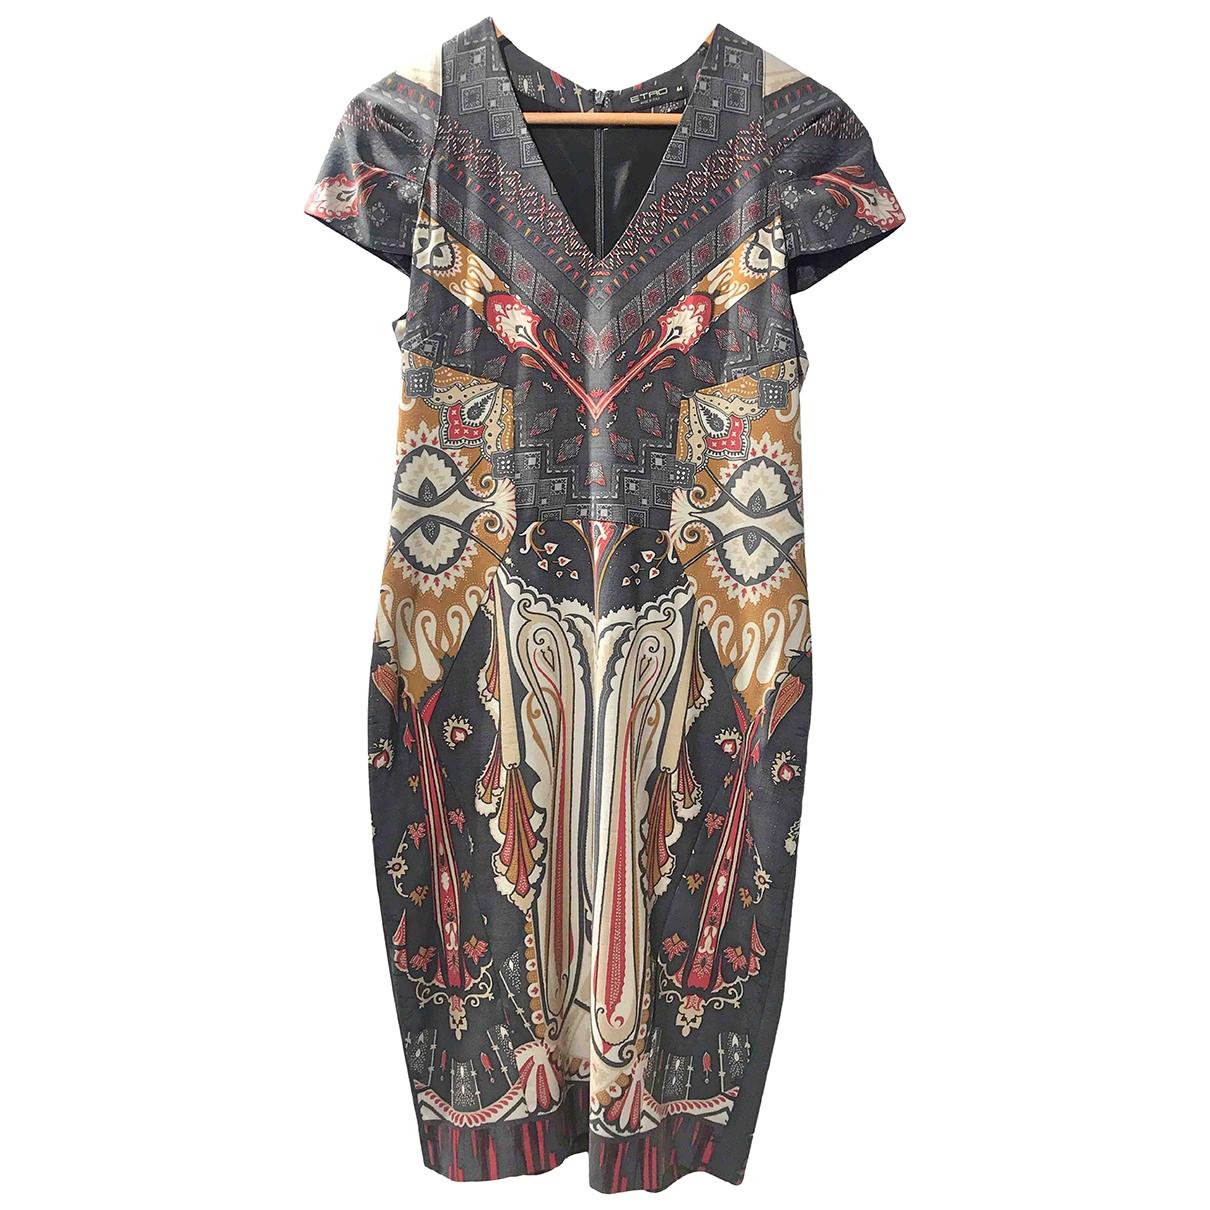 Etro \N Kleid in  Anthrazit Polyester